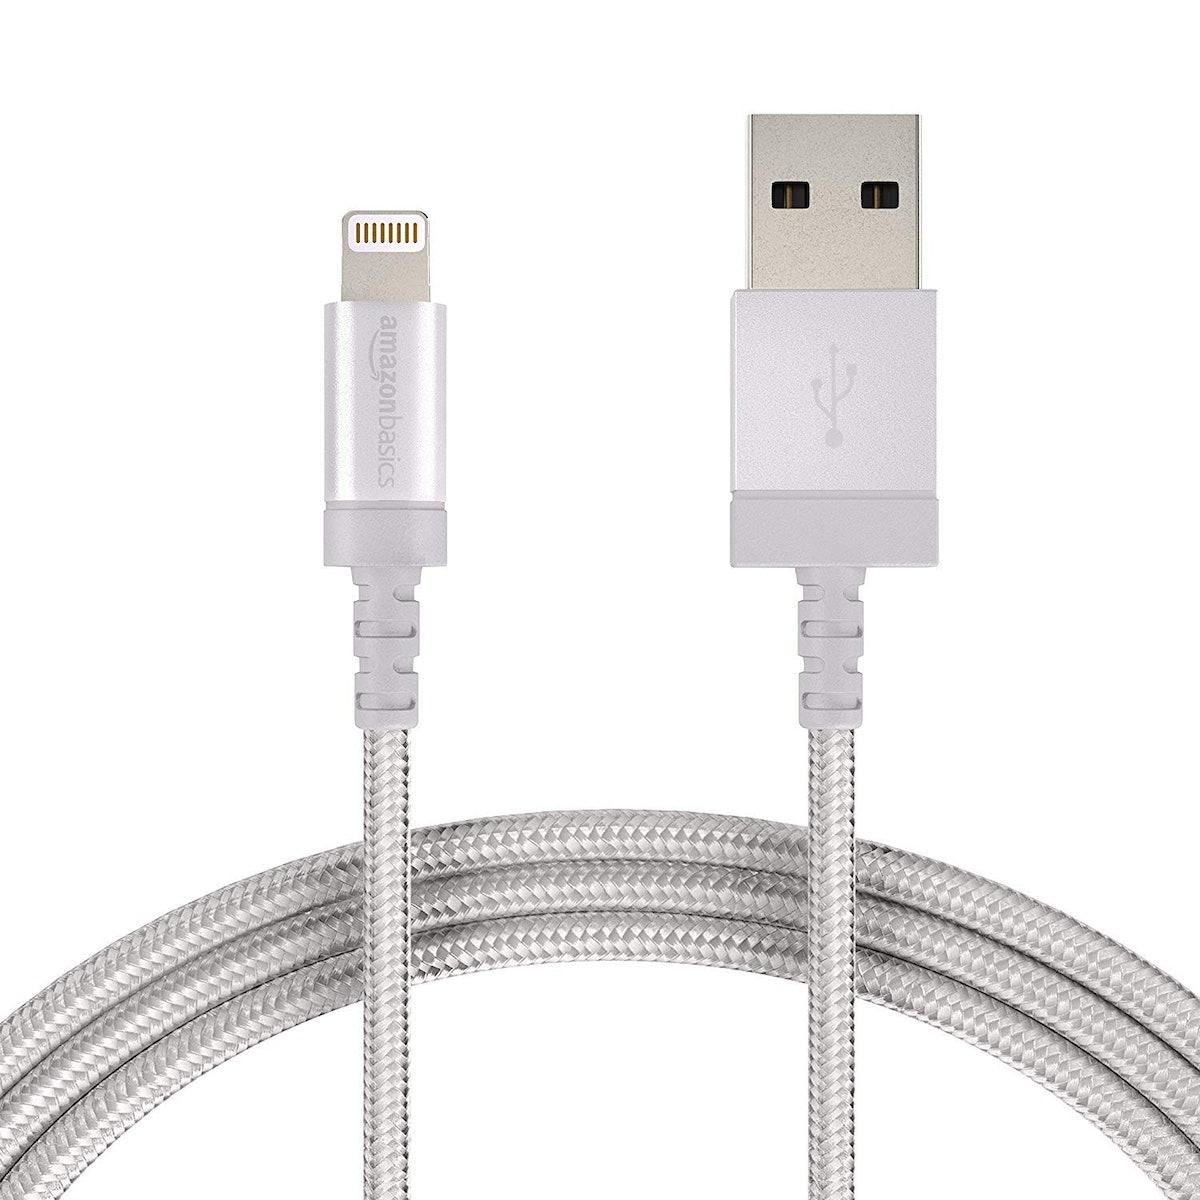 AmazonBasics Lightning Cable